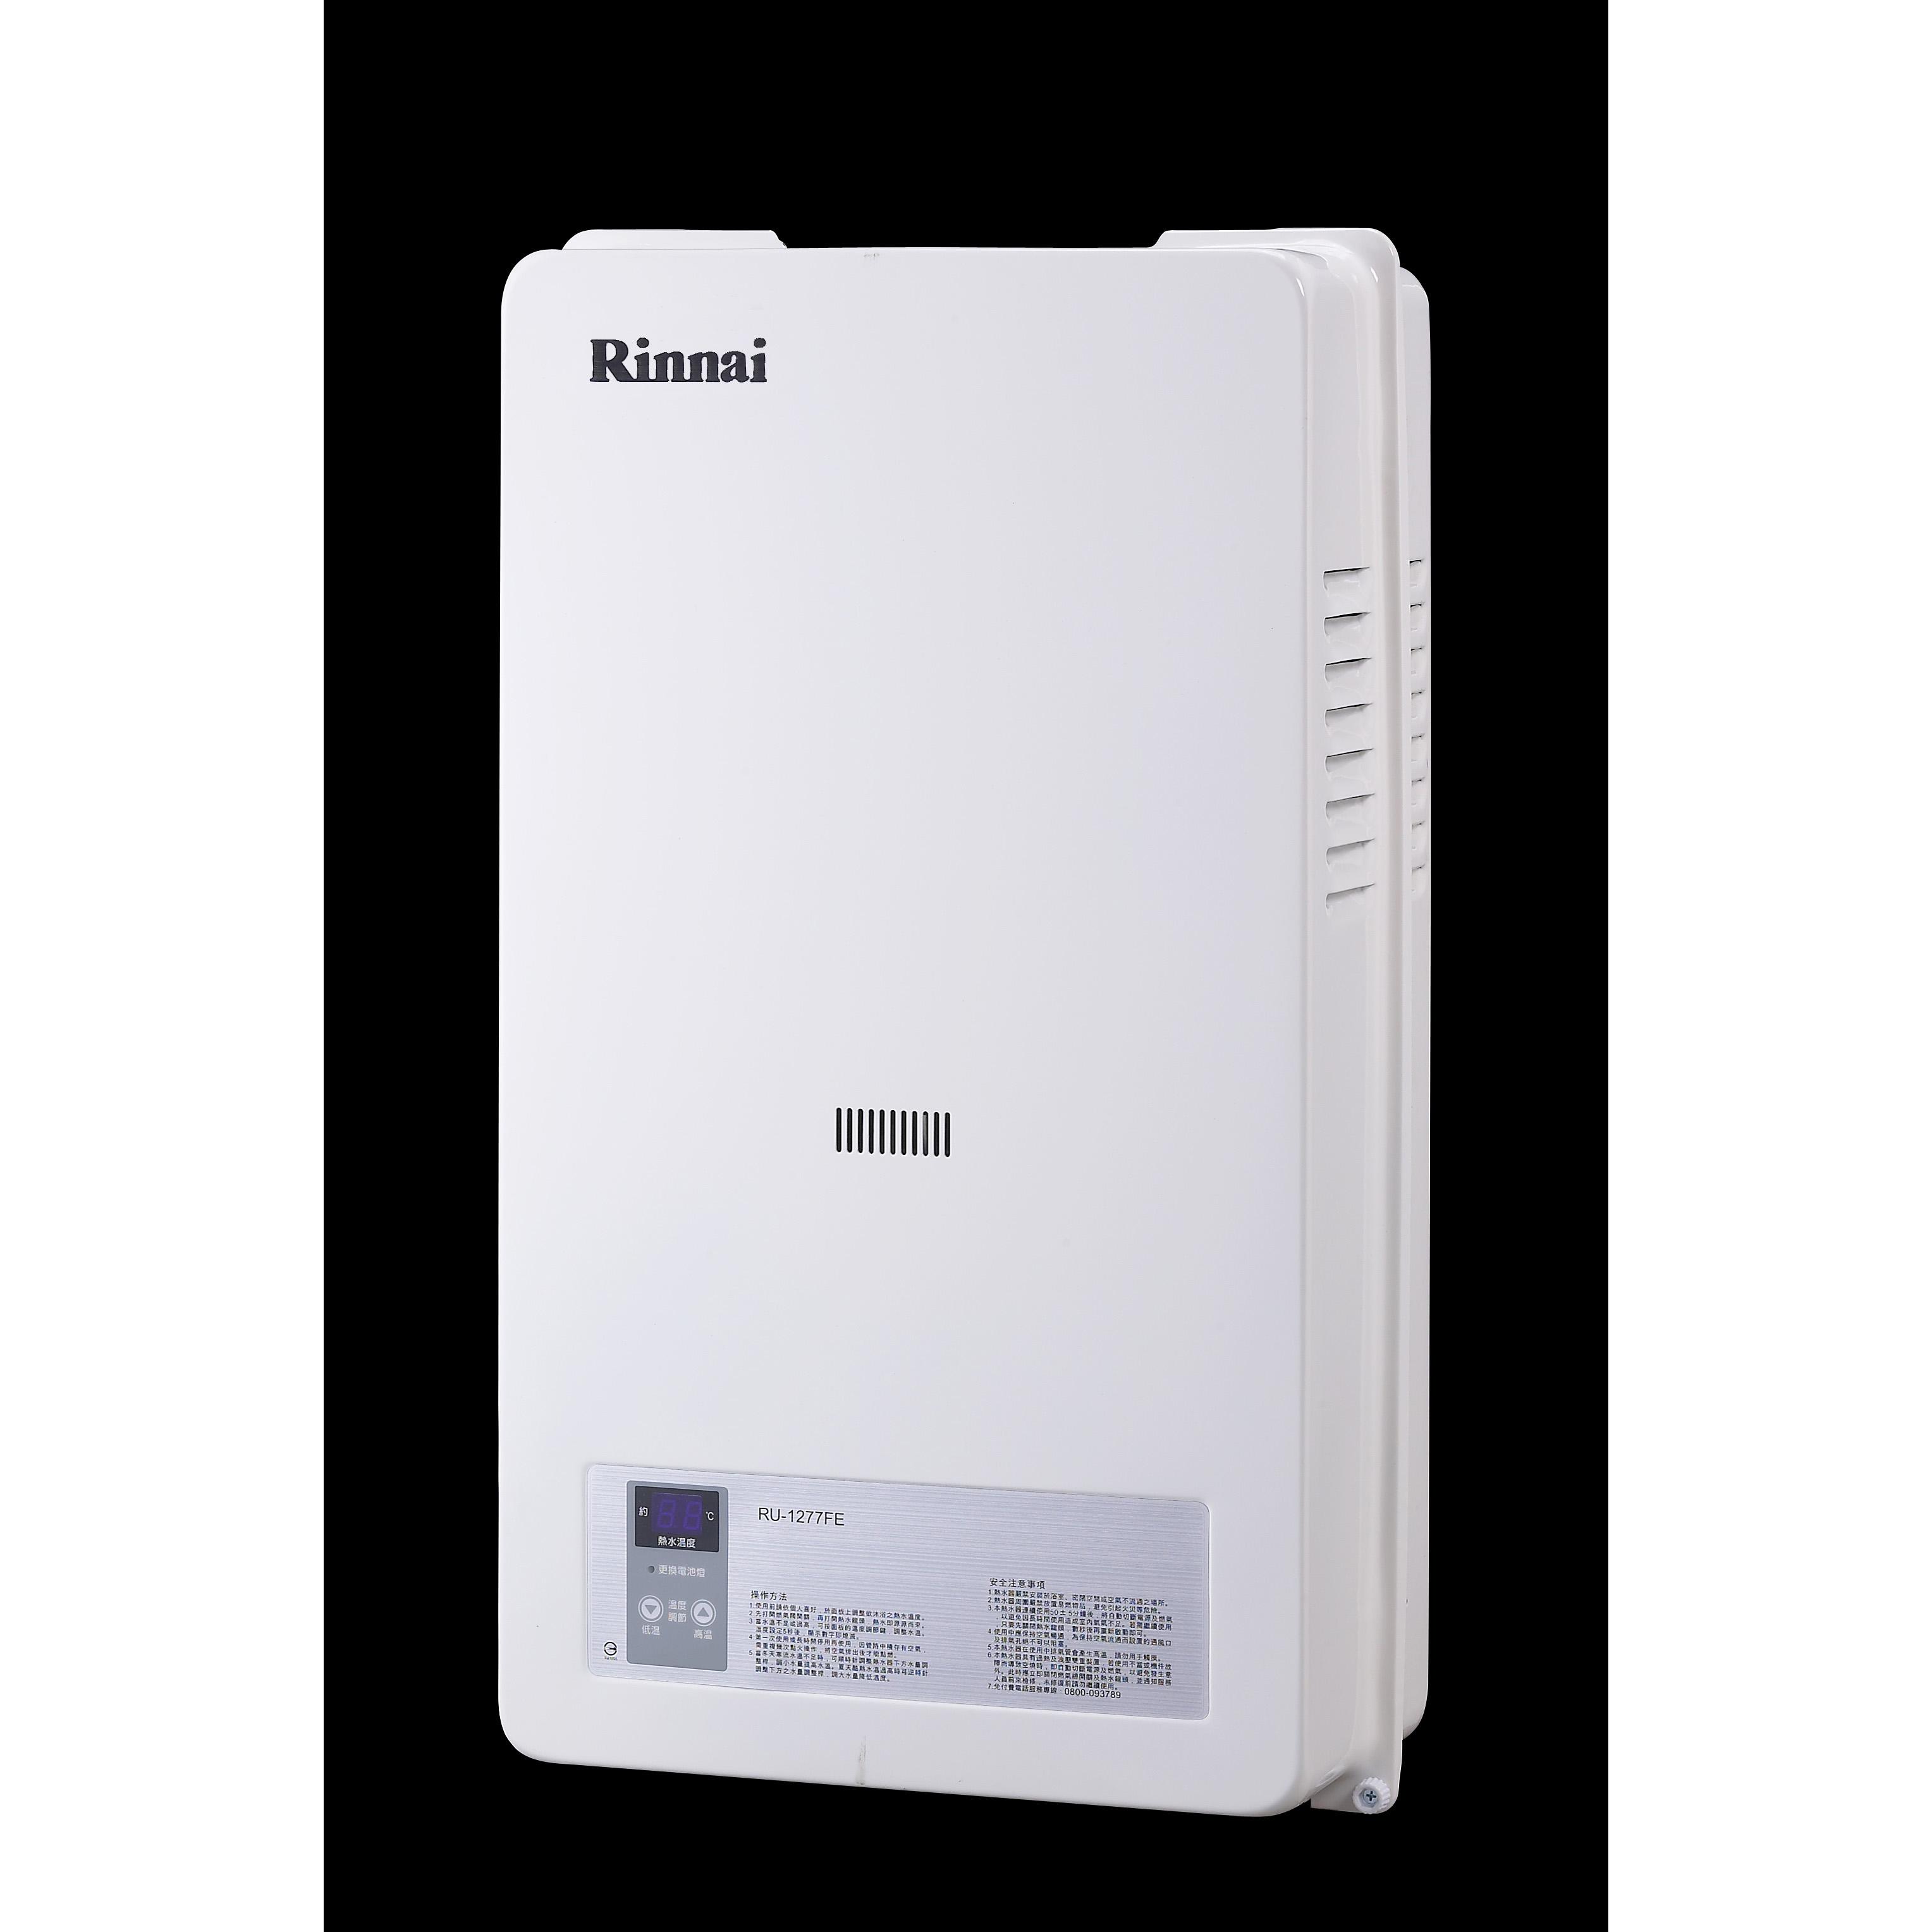 林內 Rinnai 12公升 屋內型強排熱水器 RU-1277FE